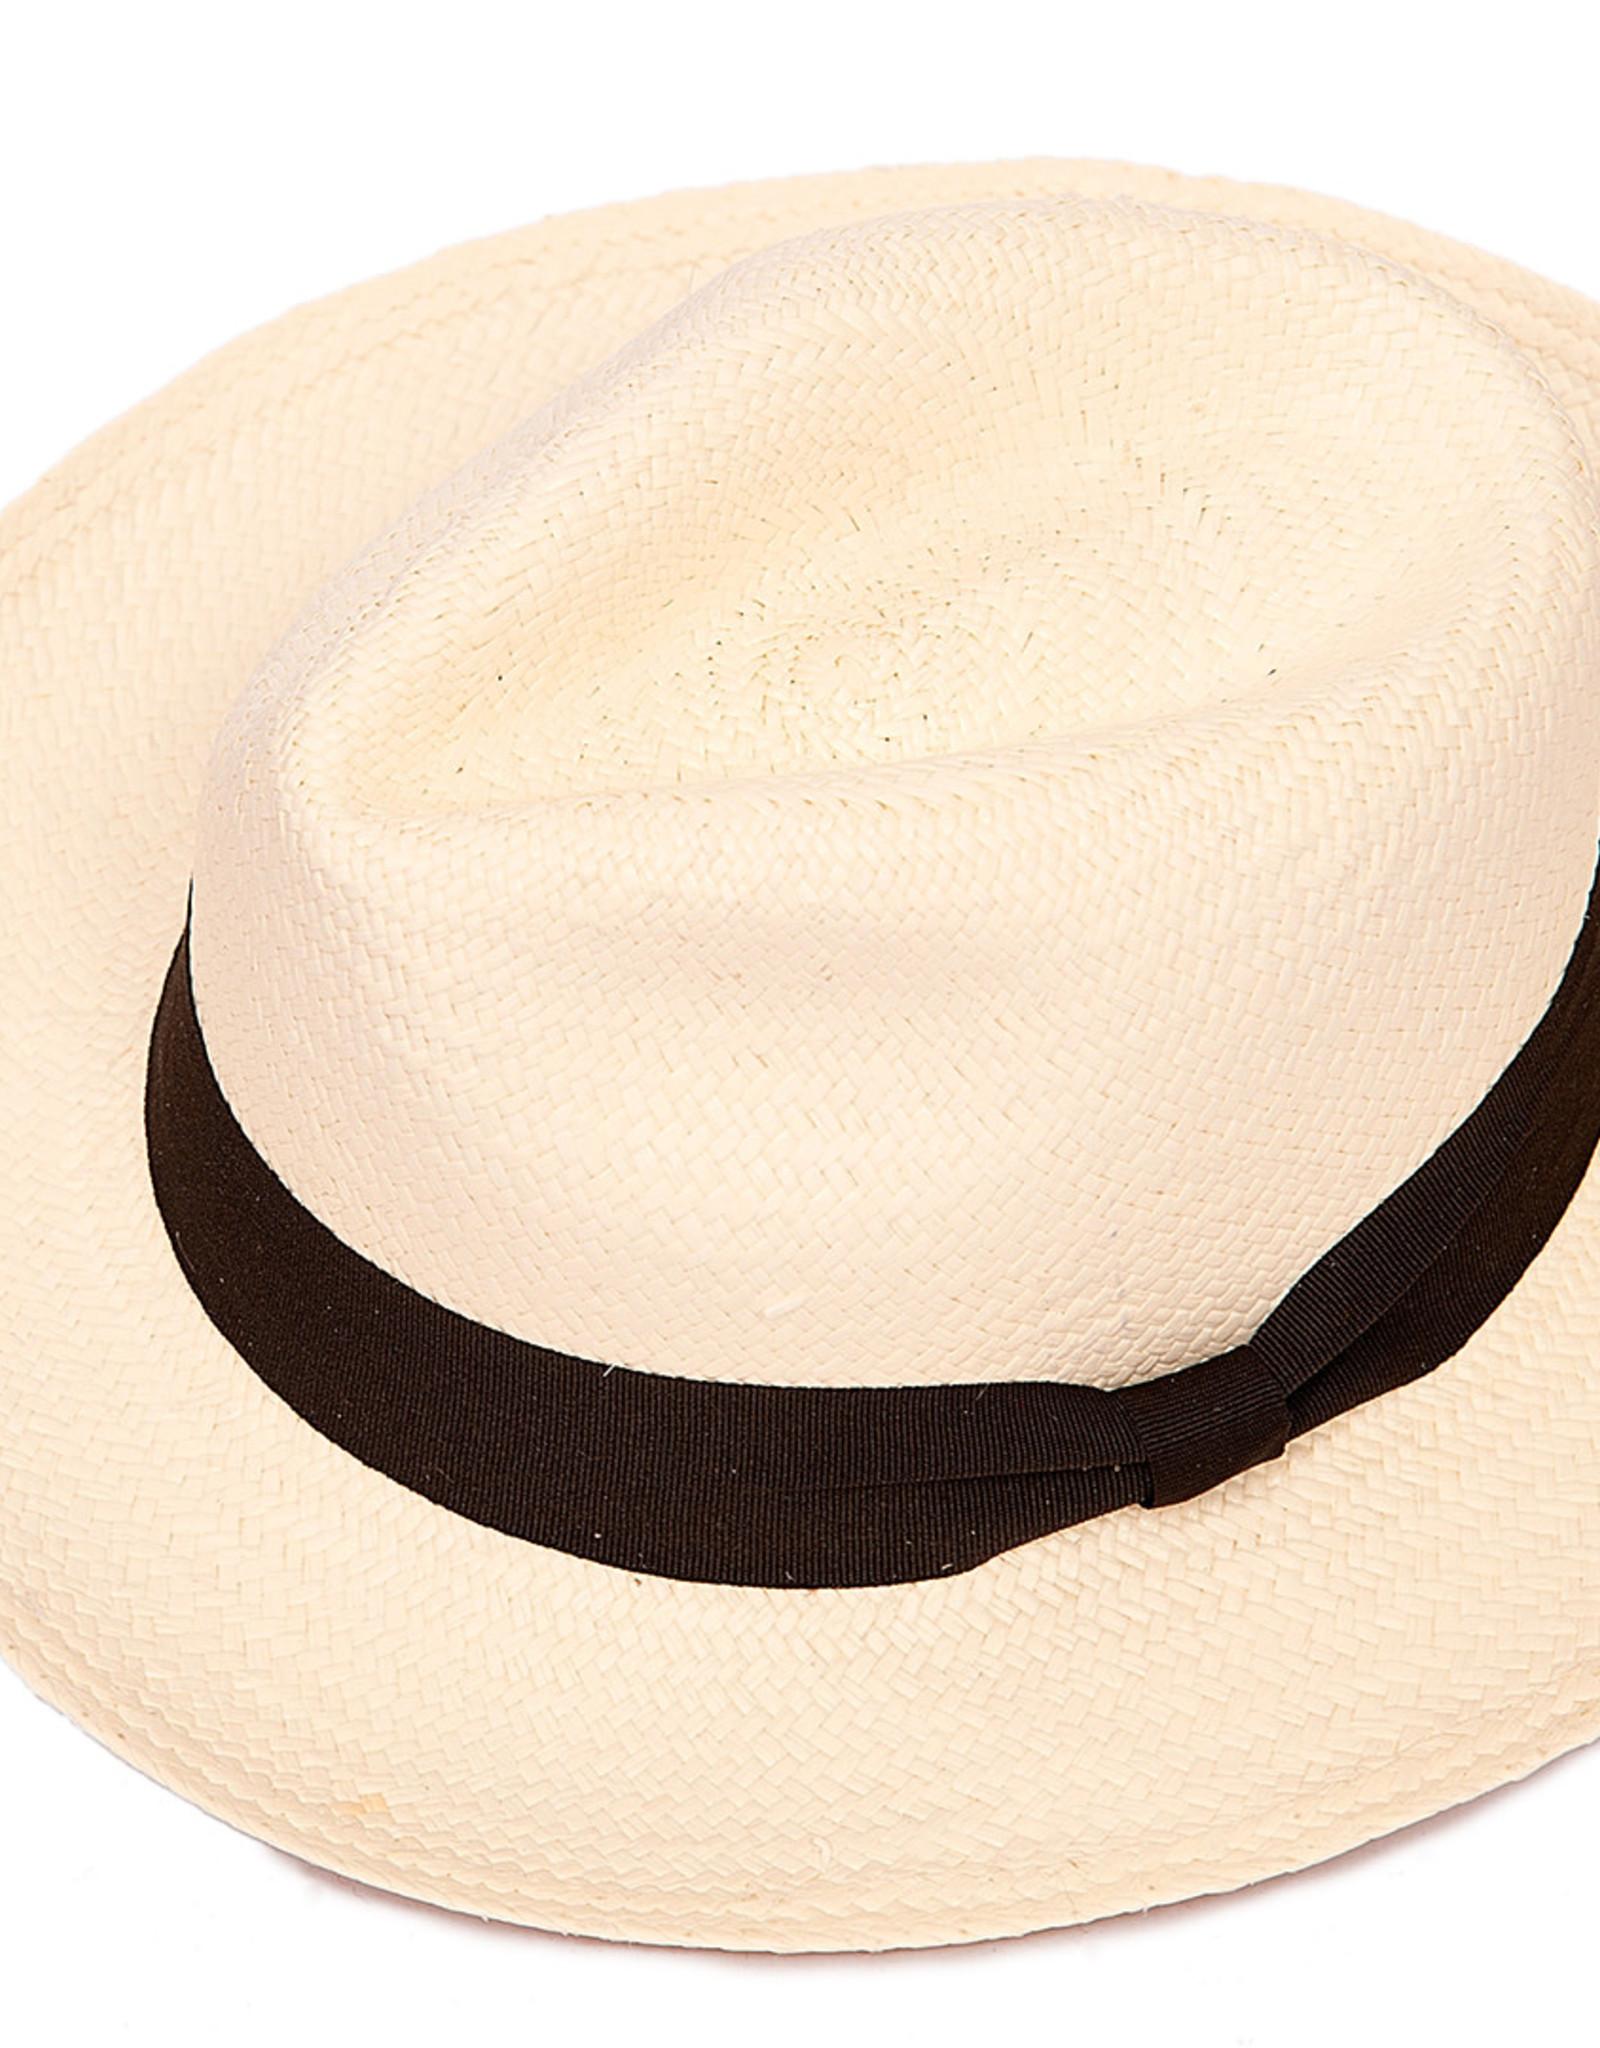 EcuaFina Panama hat classic